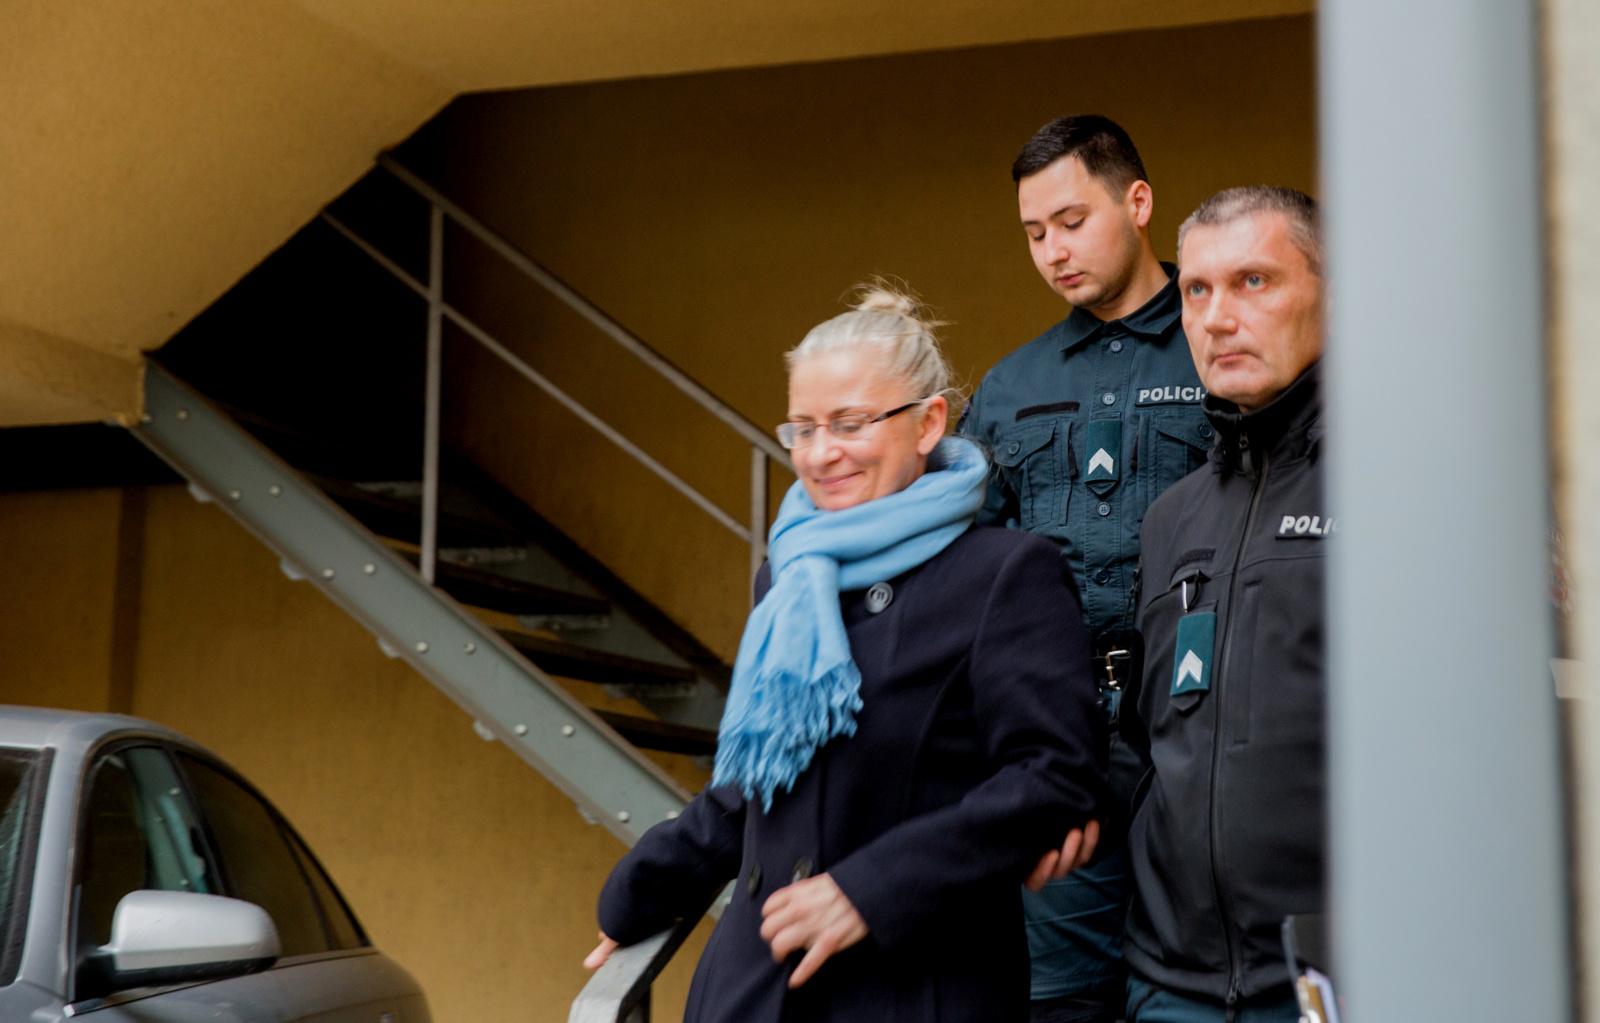 N. Venckienės bylą Panevėžio teismas pradės nagrinėti kitą savaitę